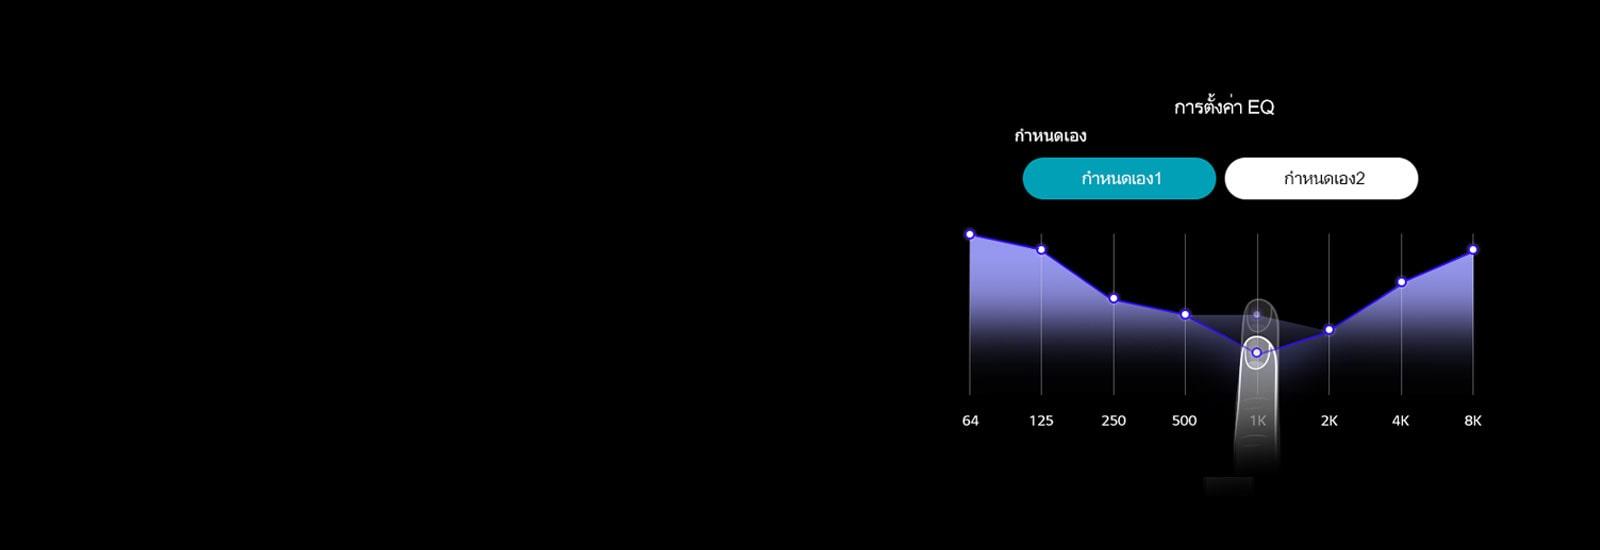 ภาพประกอบของหน้าการตั้งค่า EQ บนแอพ TONE Free แสดงภาพนิ้วมือกำลังปรับกราฟความถี่เสียงขึ้นและลง